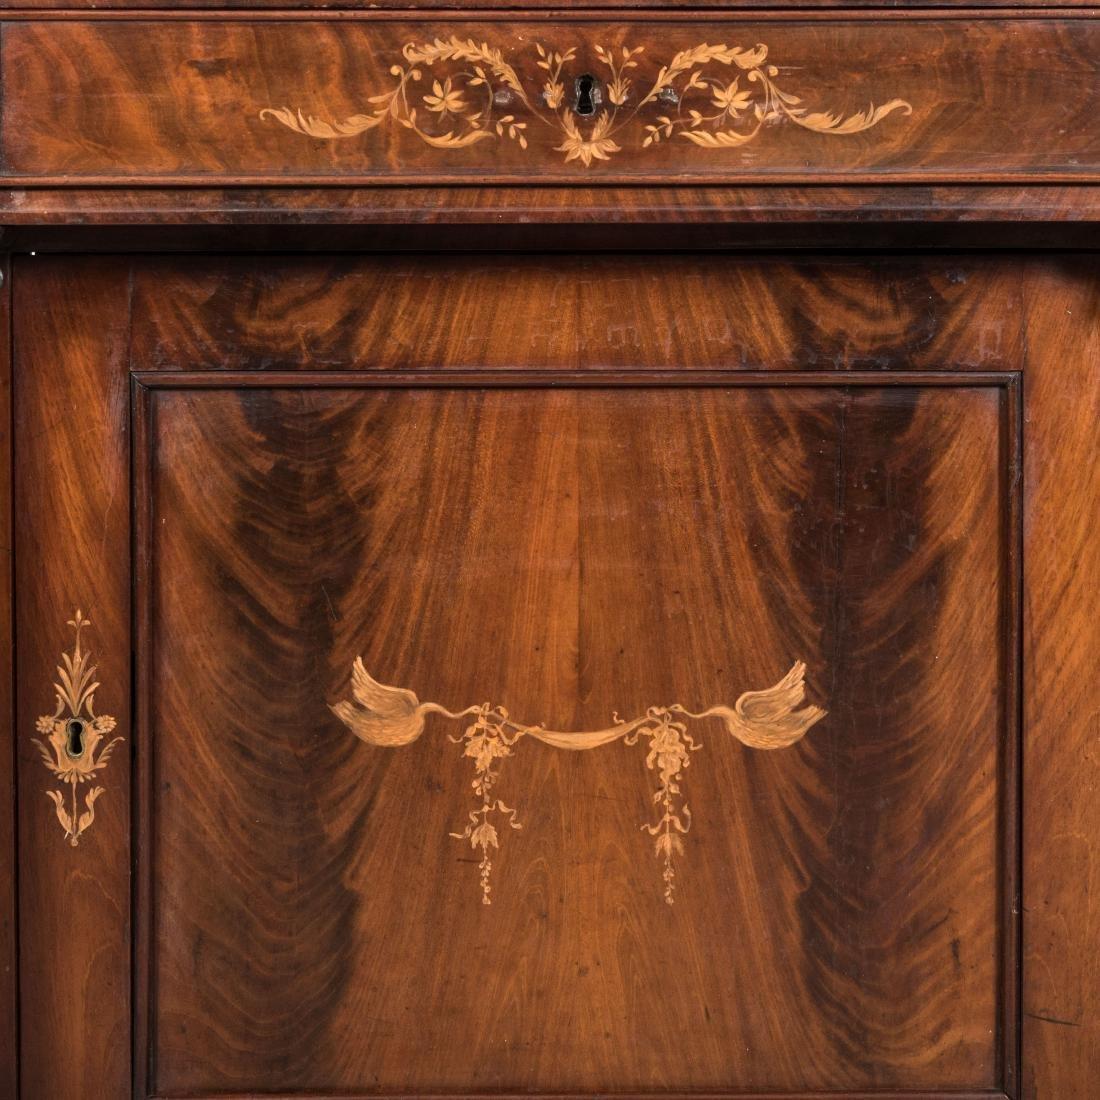 Inlaid Mahogany Antique Cabinet - 4